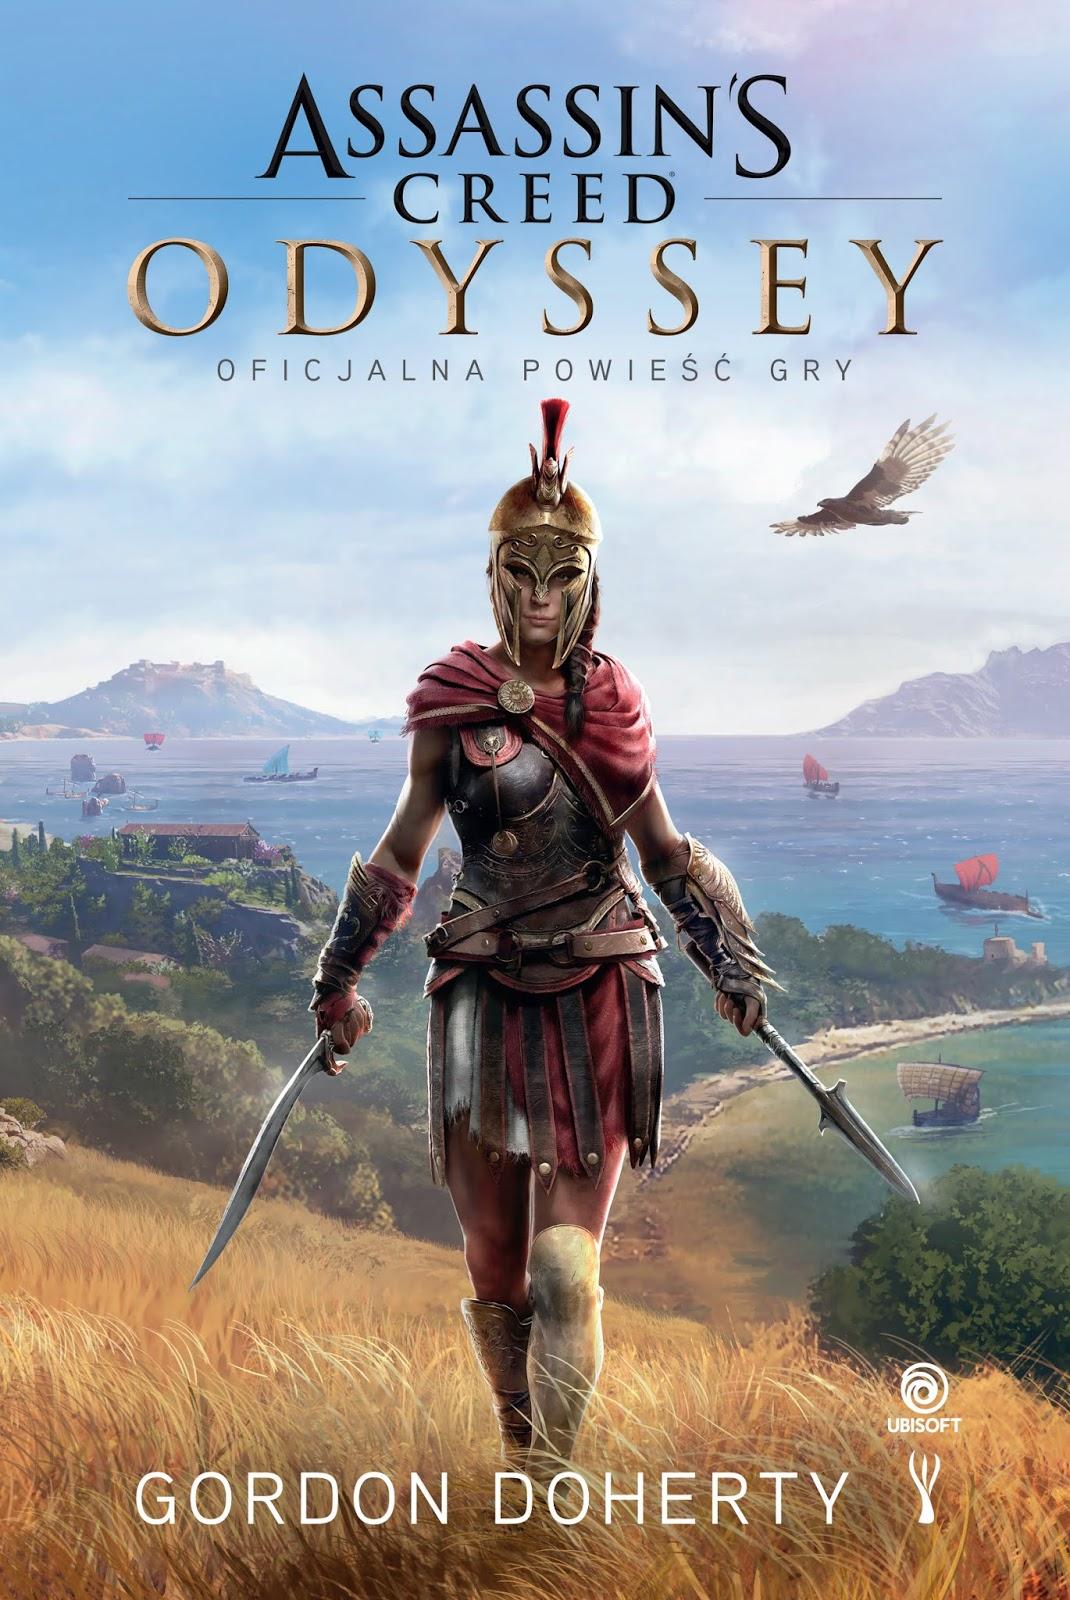 Assassin's Creed: Odyssey. Oficjalna powieść gry. Dziś premiera!